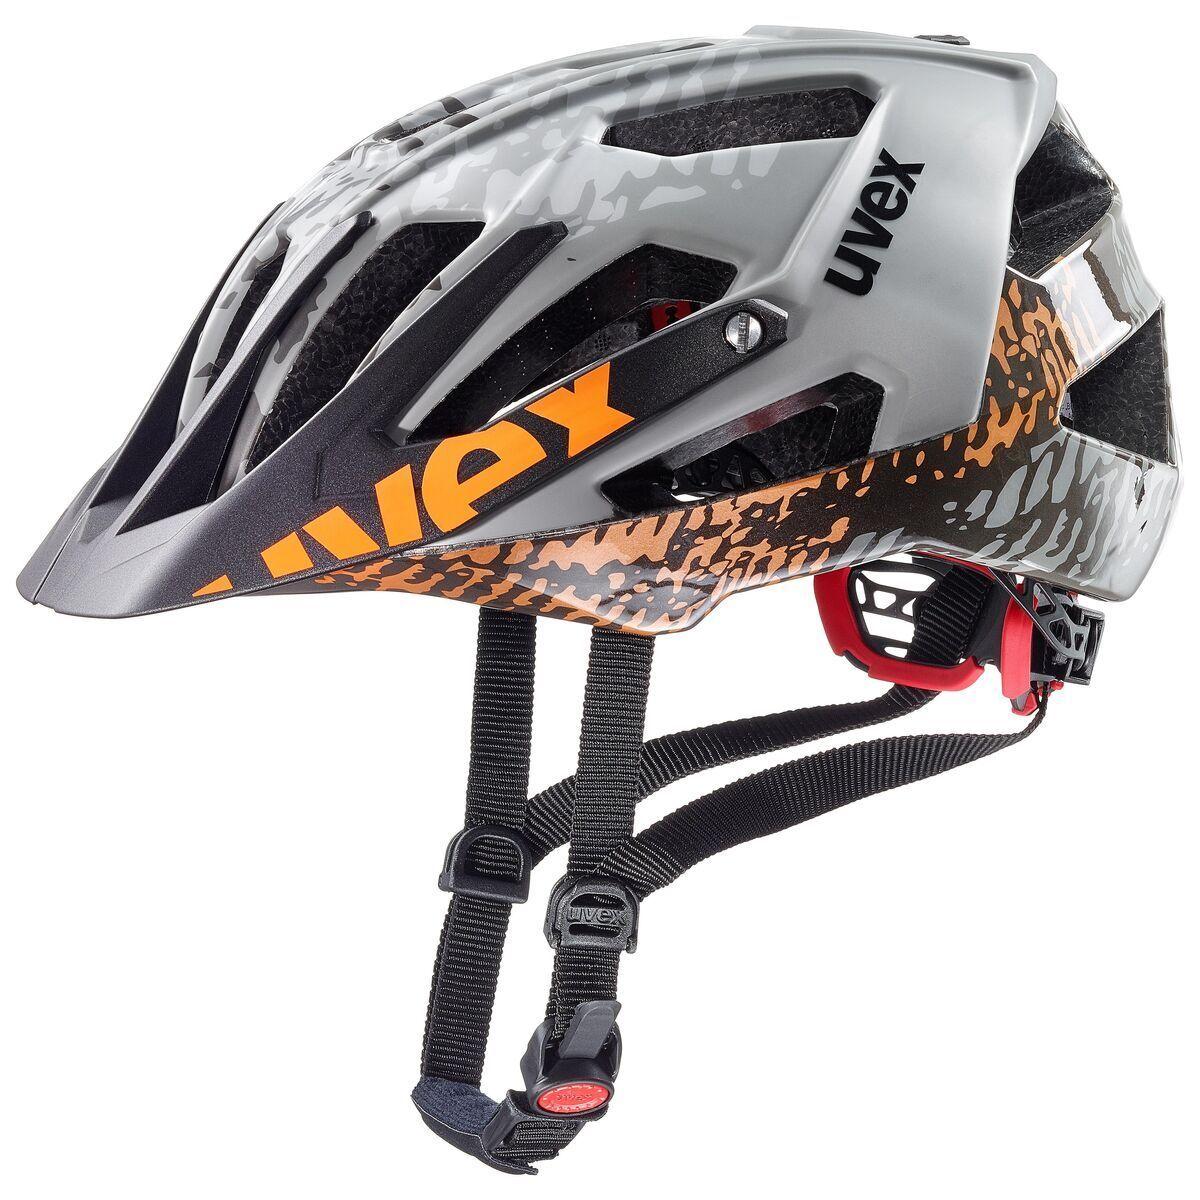 UVEX Quatro MTB bicicleta casco gris negro 2019